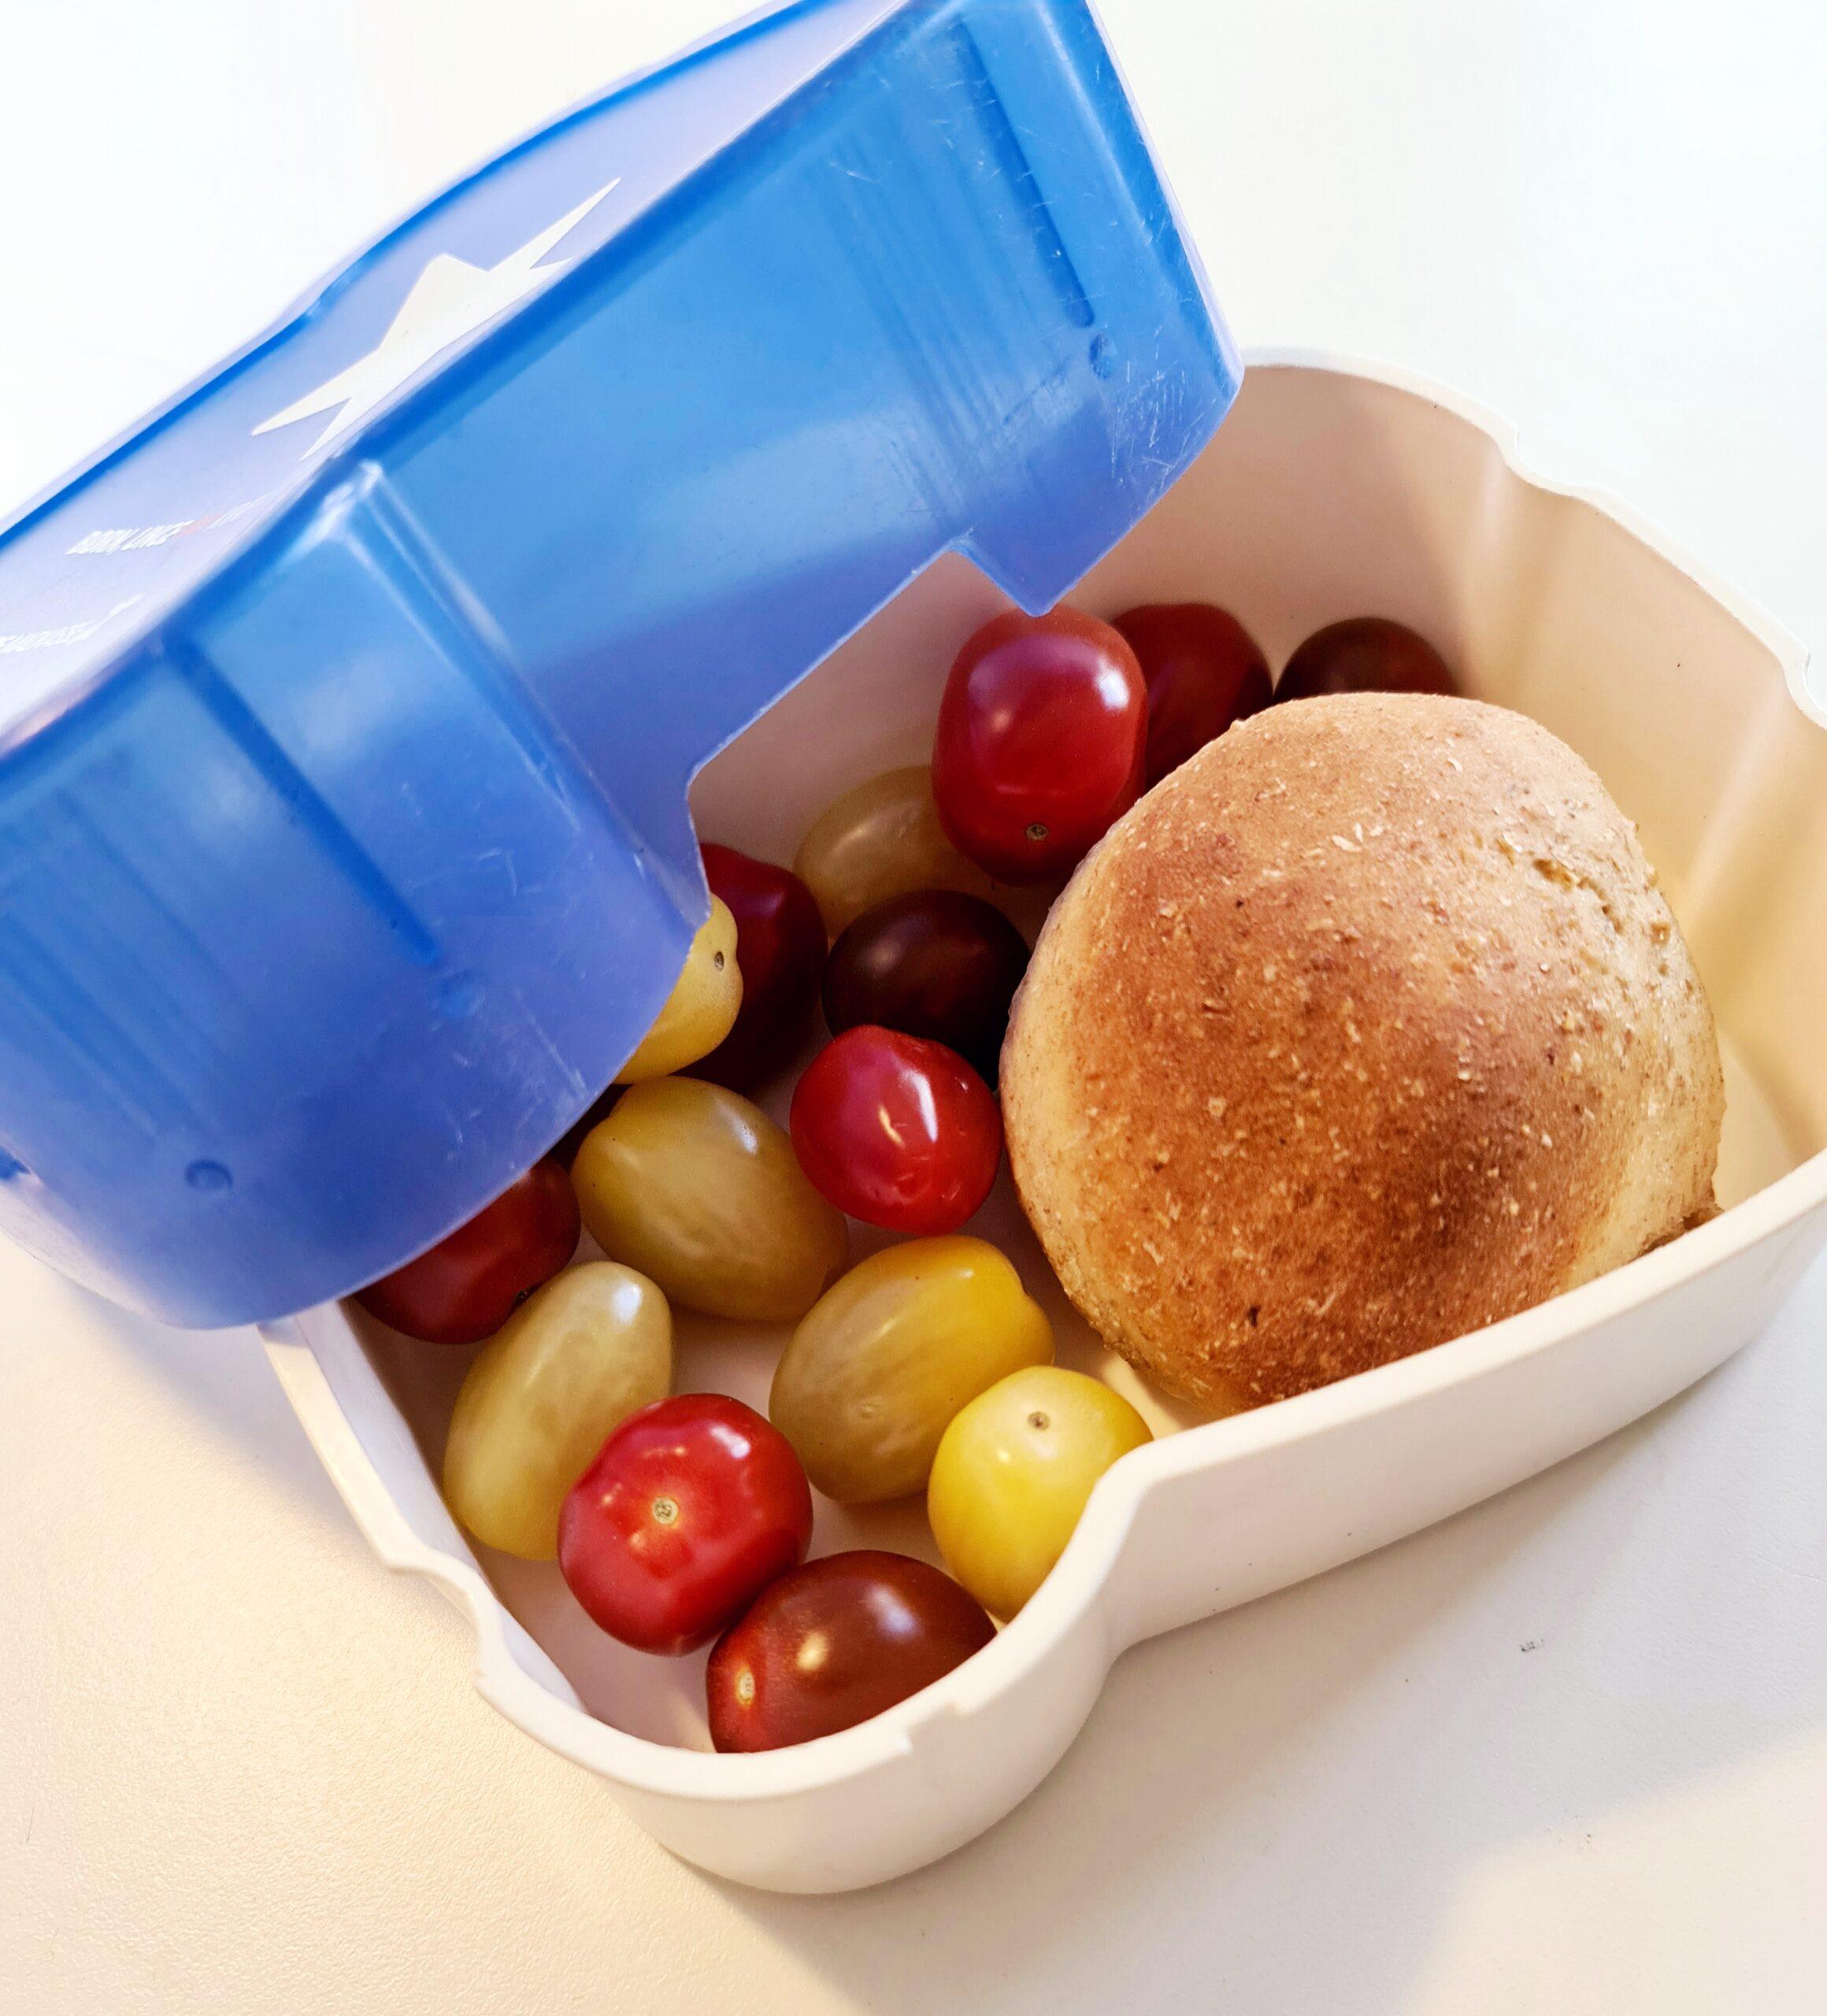 Børn har også ret til en madordning på skolerne